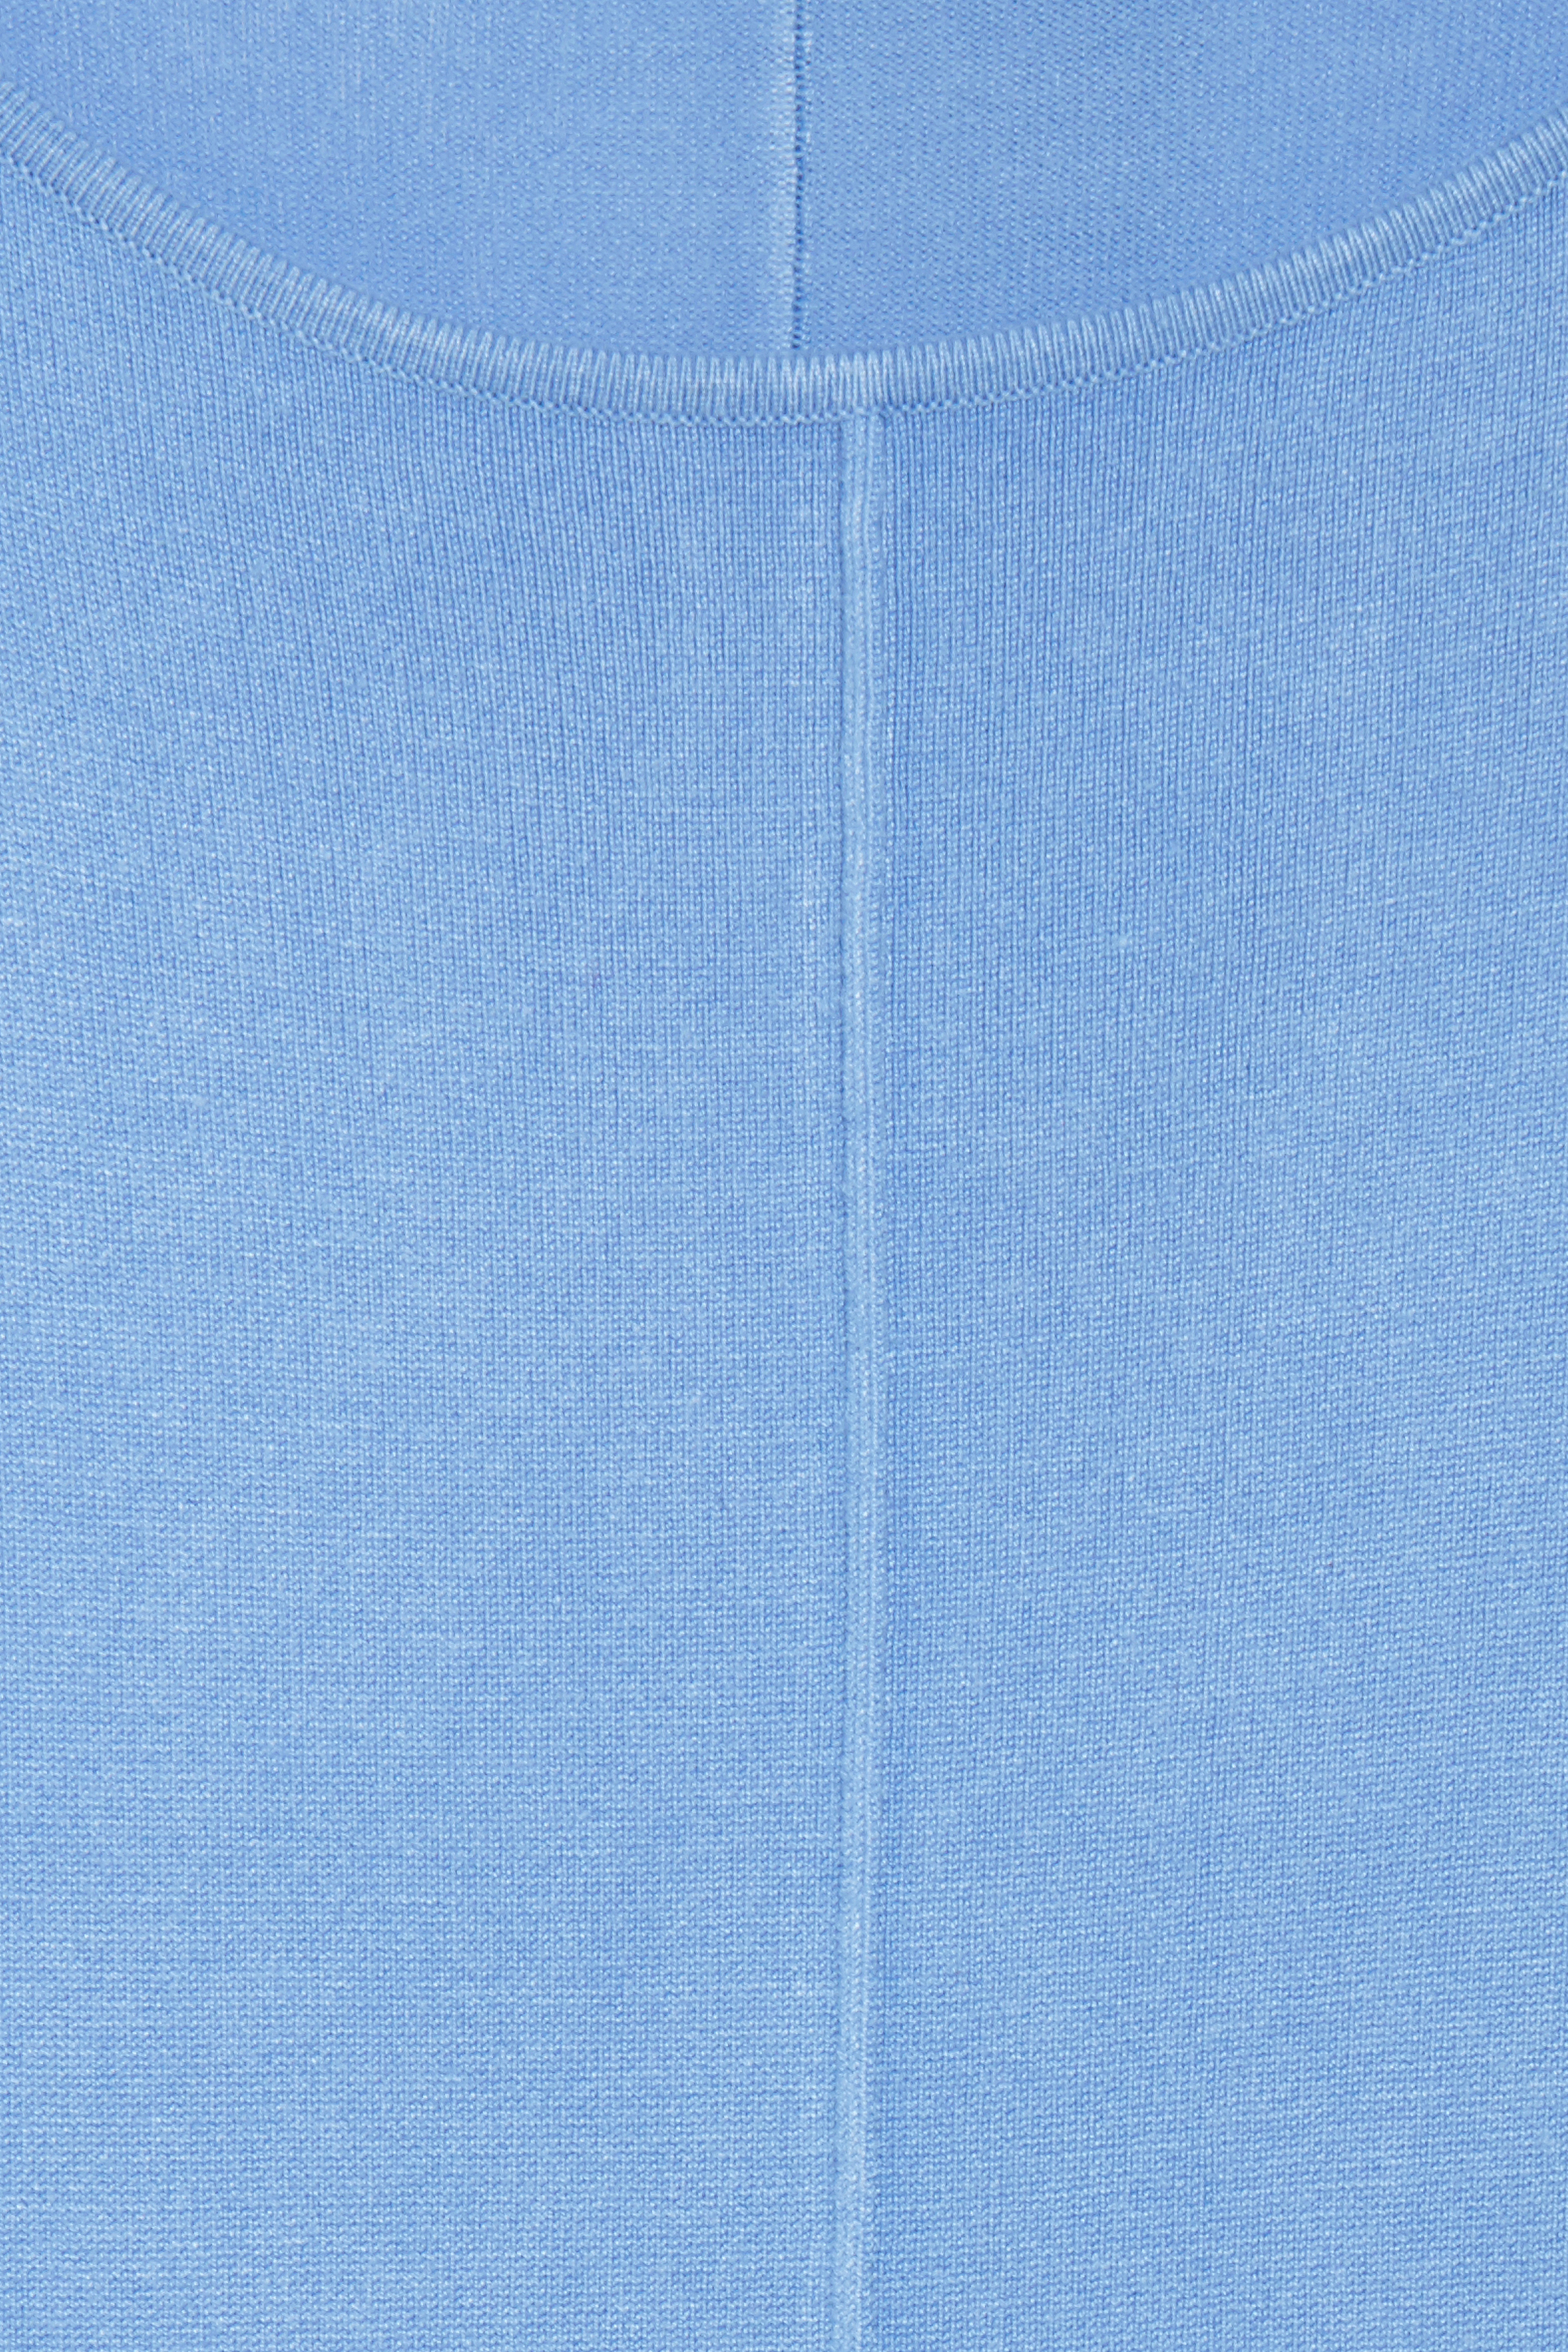 Støvet blå Strikpullover fra b.young – Køb Støvet blå Strikpullover fra str. XS-XXL her